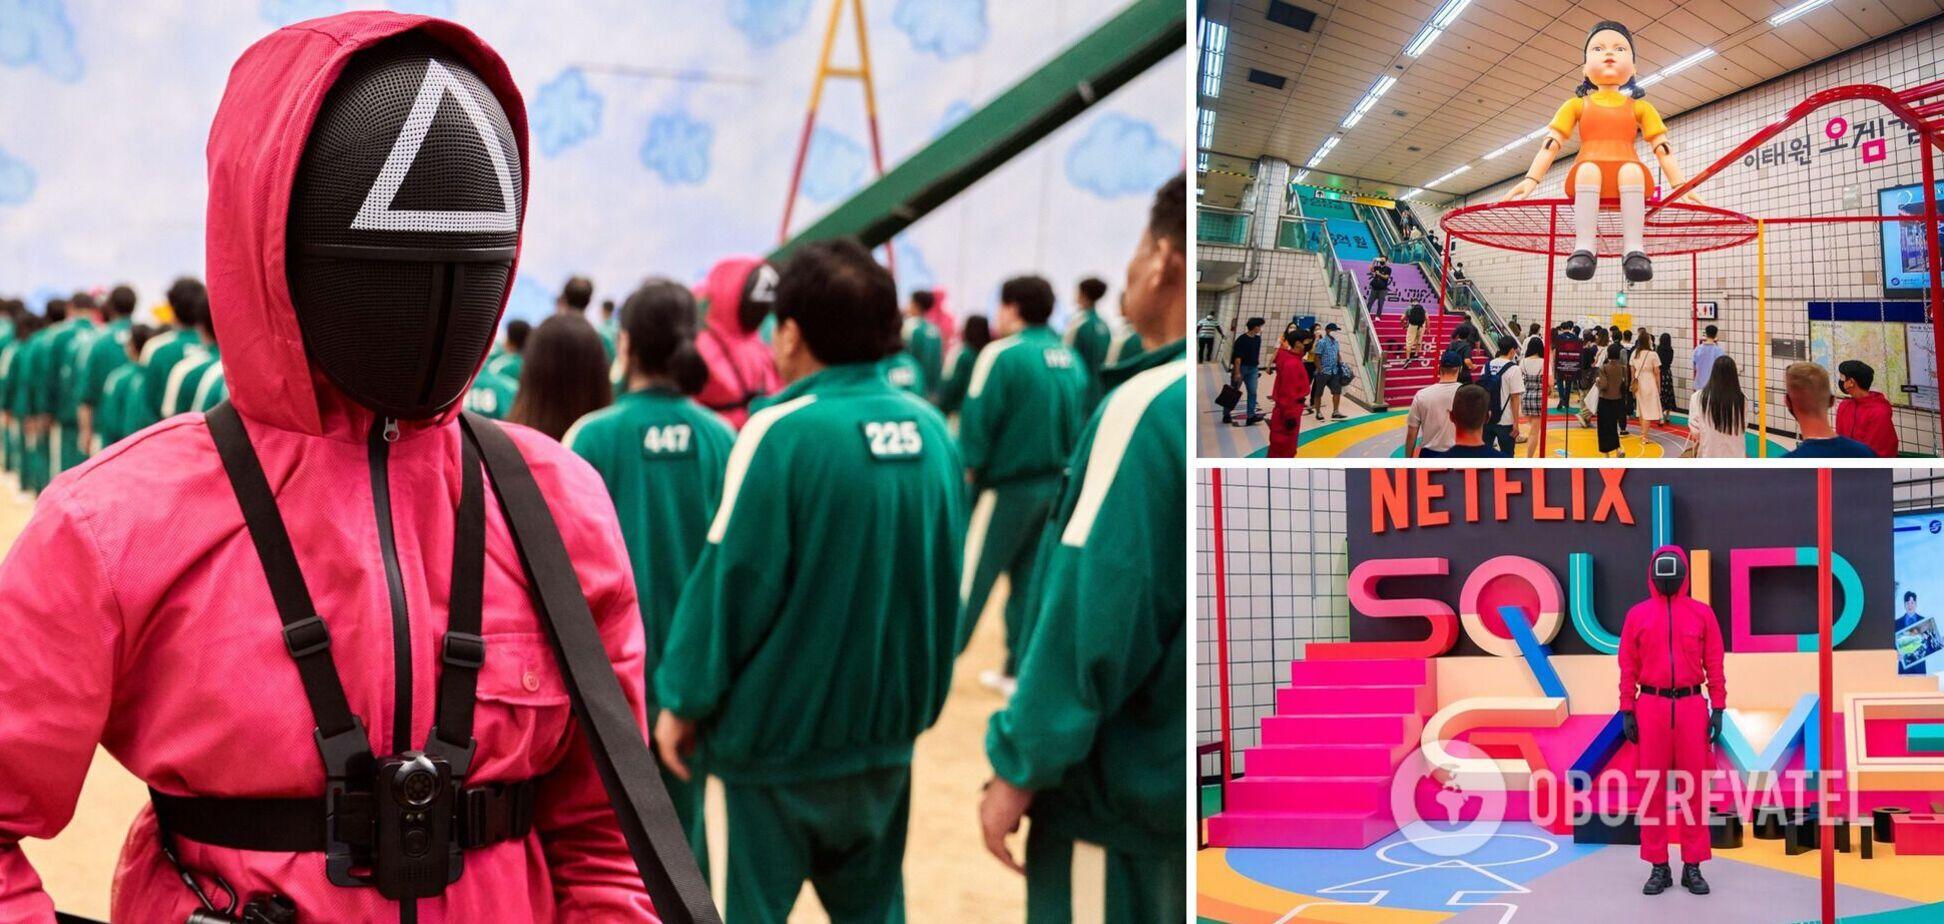 Оживили світ 'Ігри в кальмара': метро в Сеулі оформили в стилі серіалу. Фото і відео